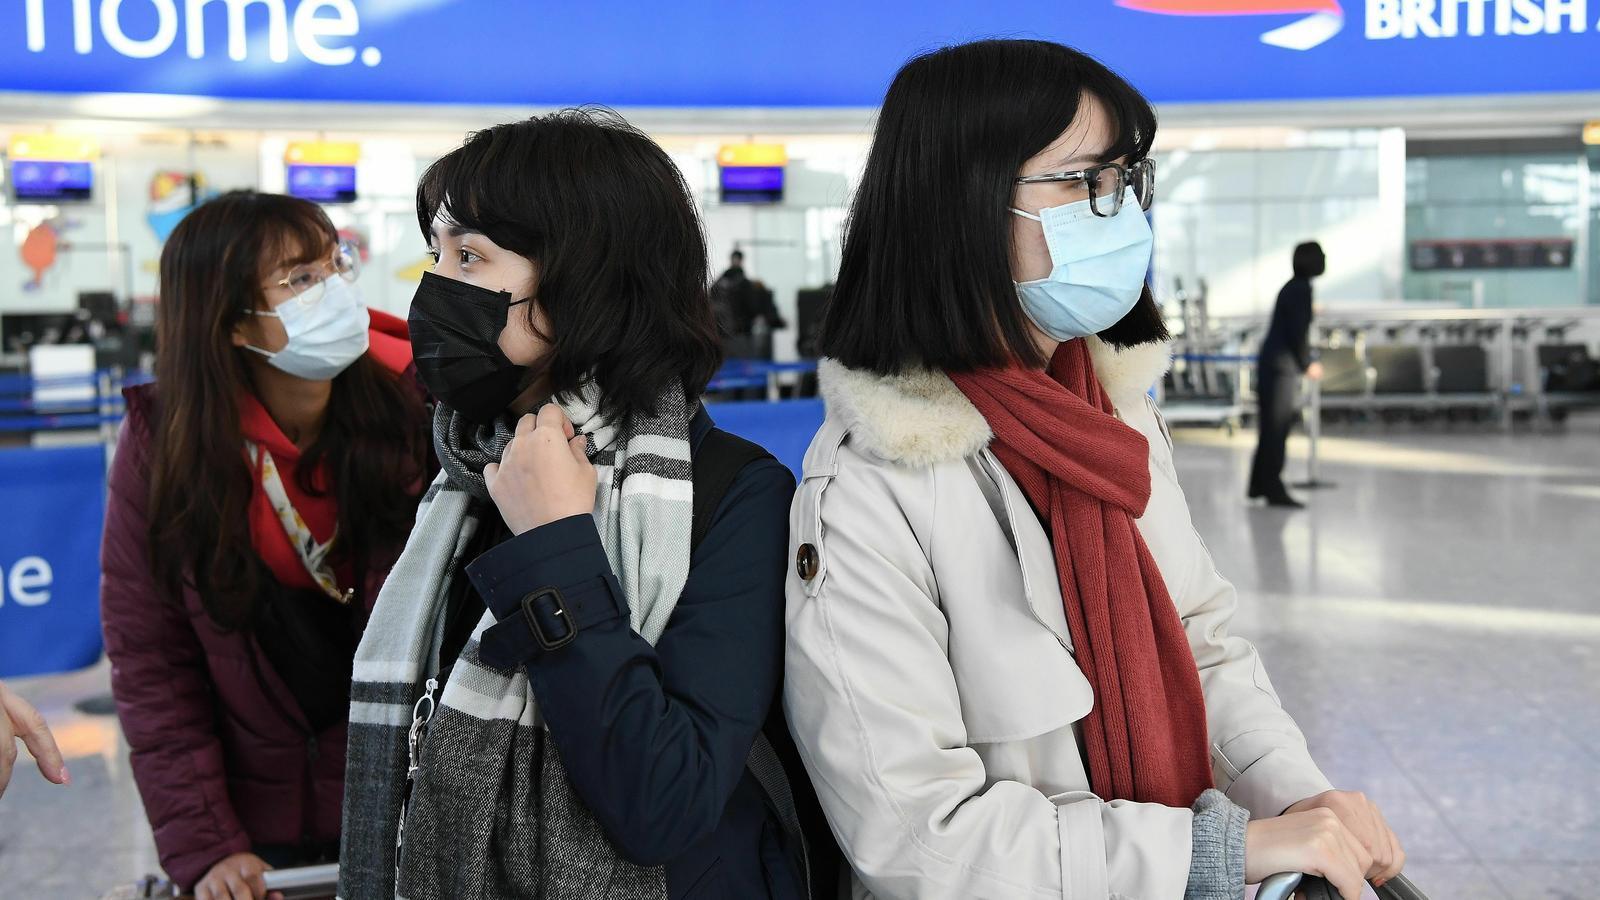 Tres passatgeres amb mascaretes esperen a l'aeroport Heathrow, a Londres.